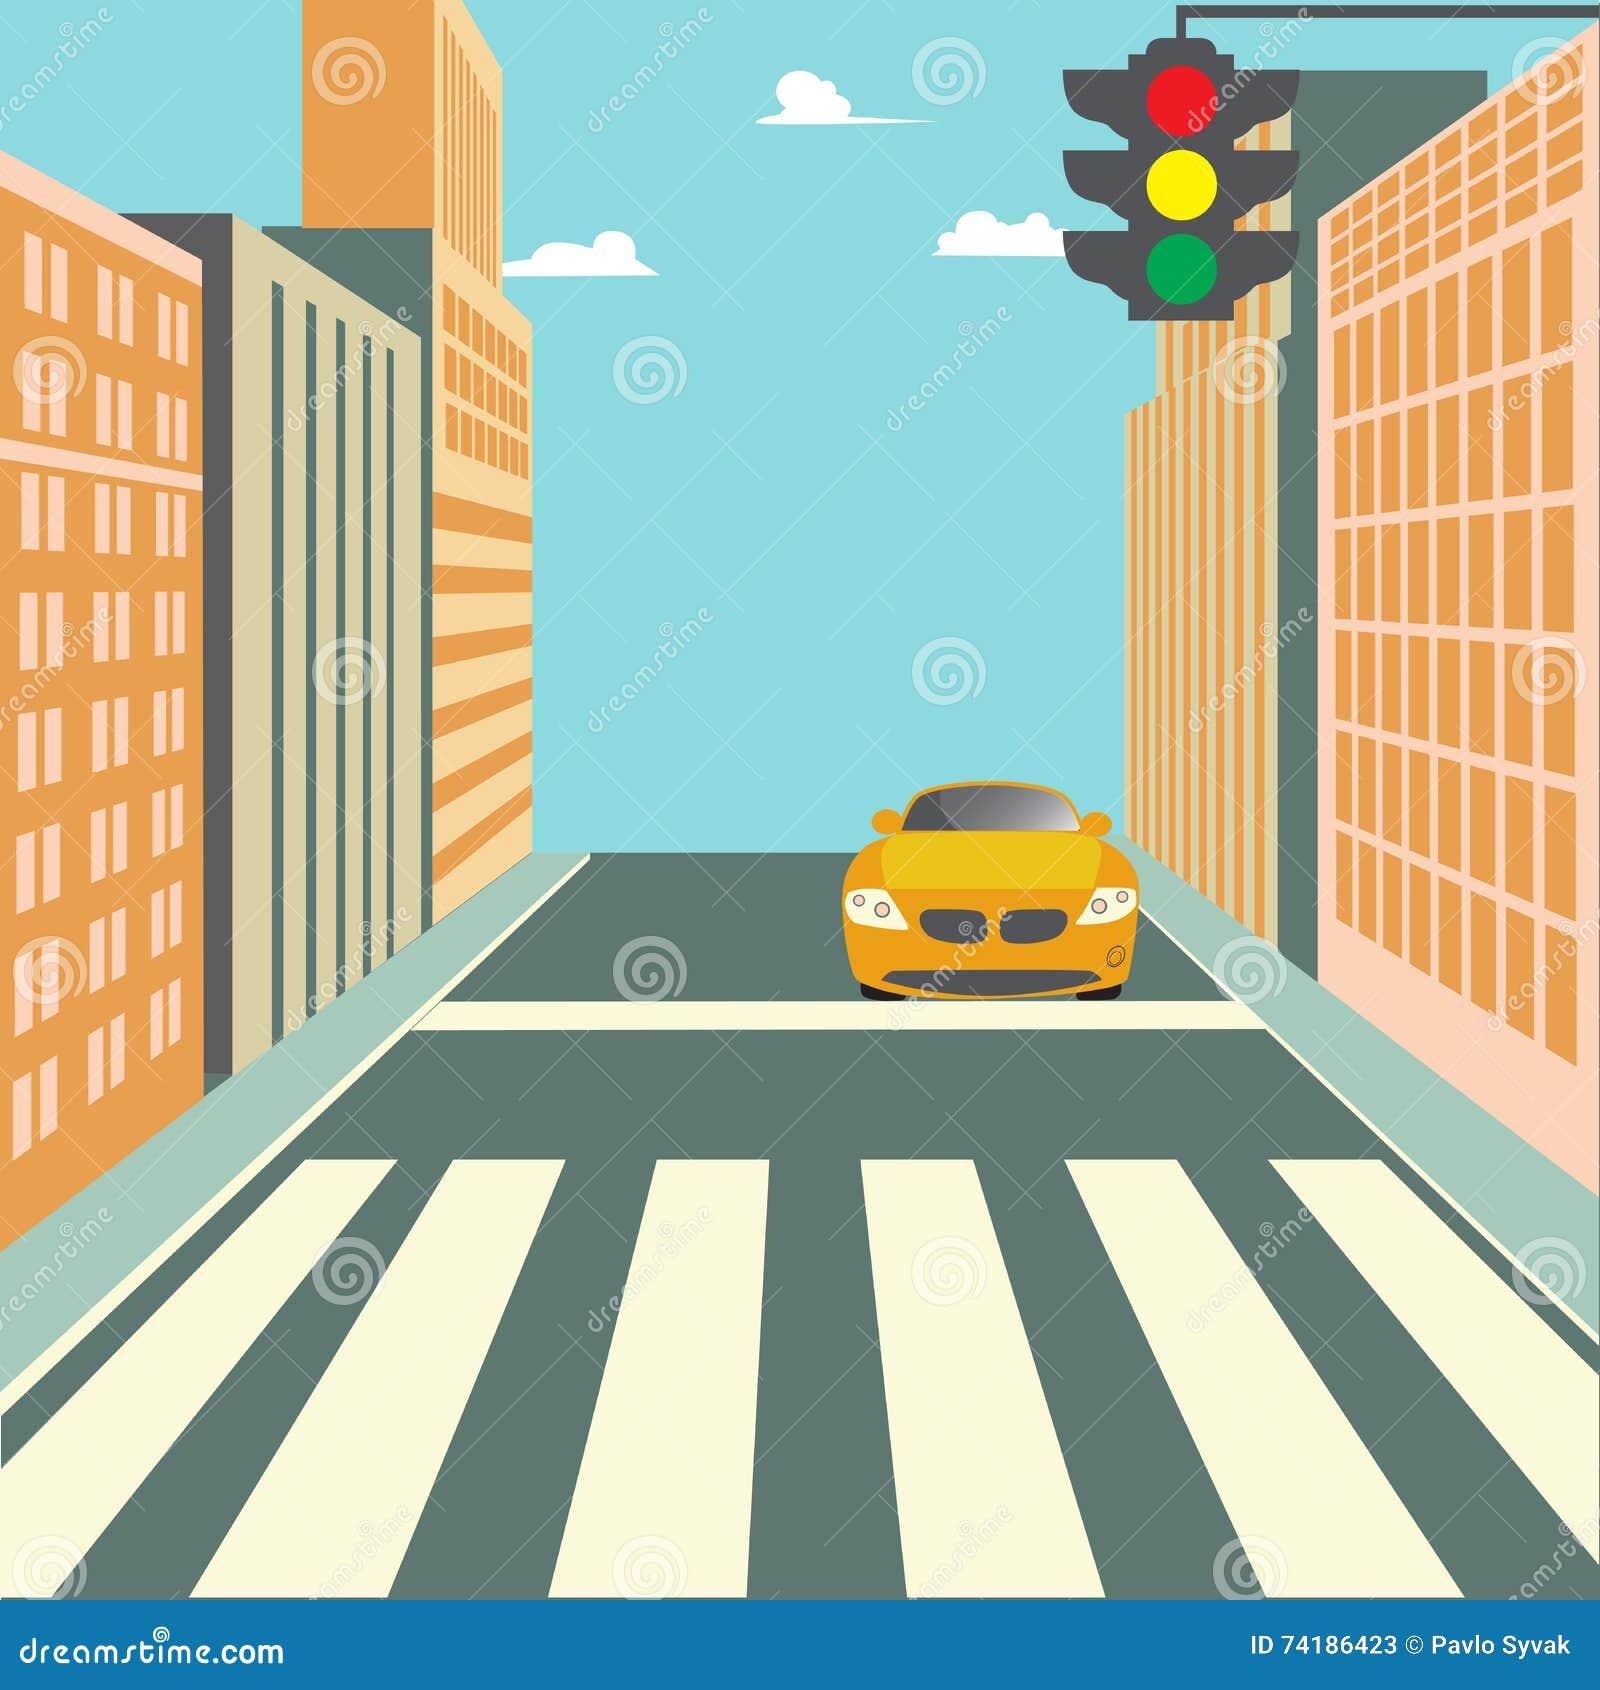 Stadt-Straße mit Gebäuden, Ampel, Zebrastreifen und Auto